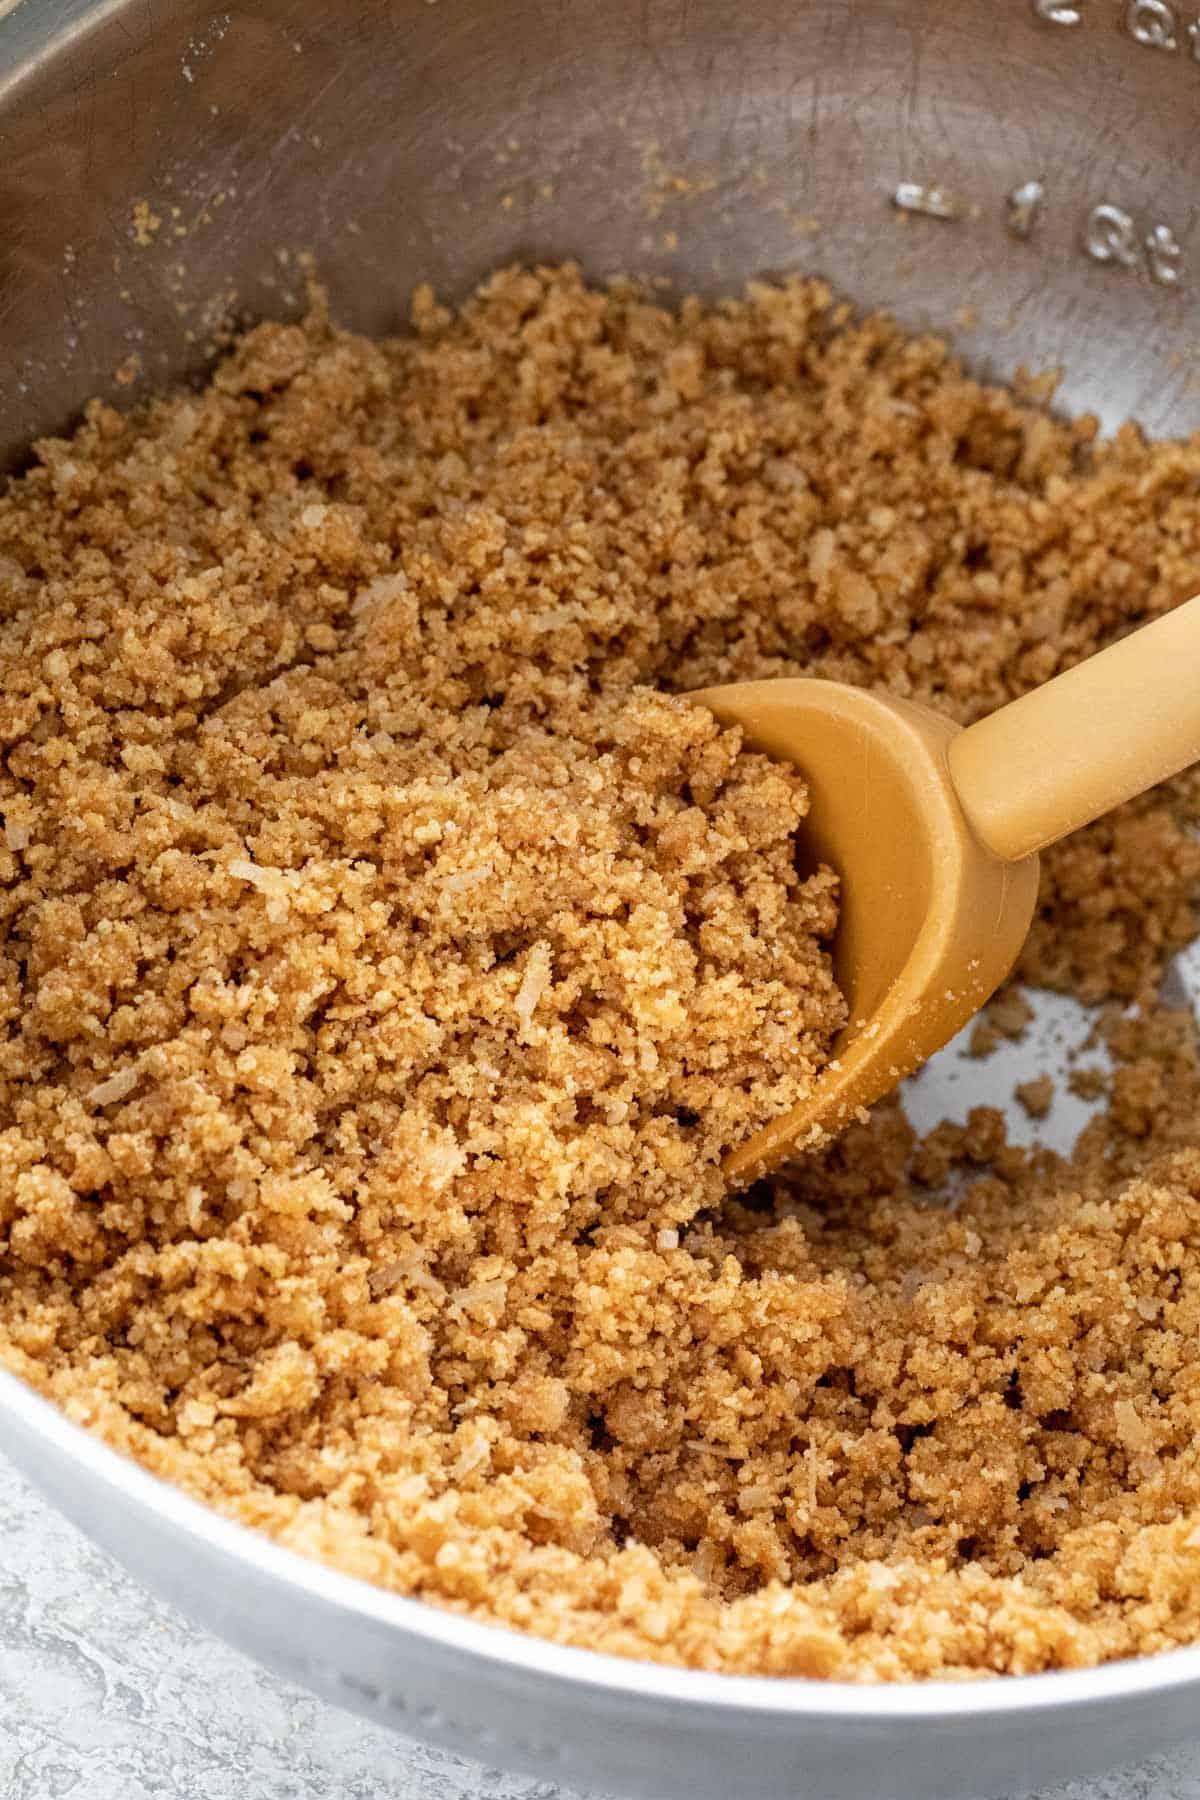 Mixed graham cracker crumb